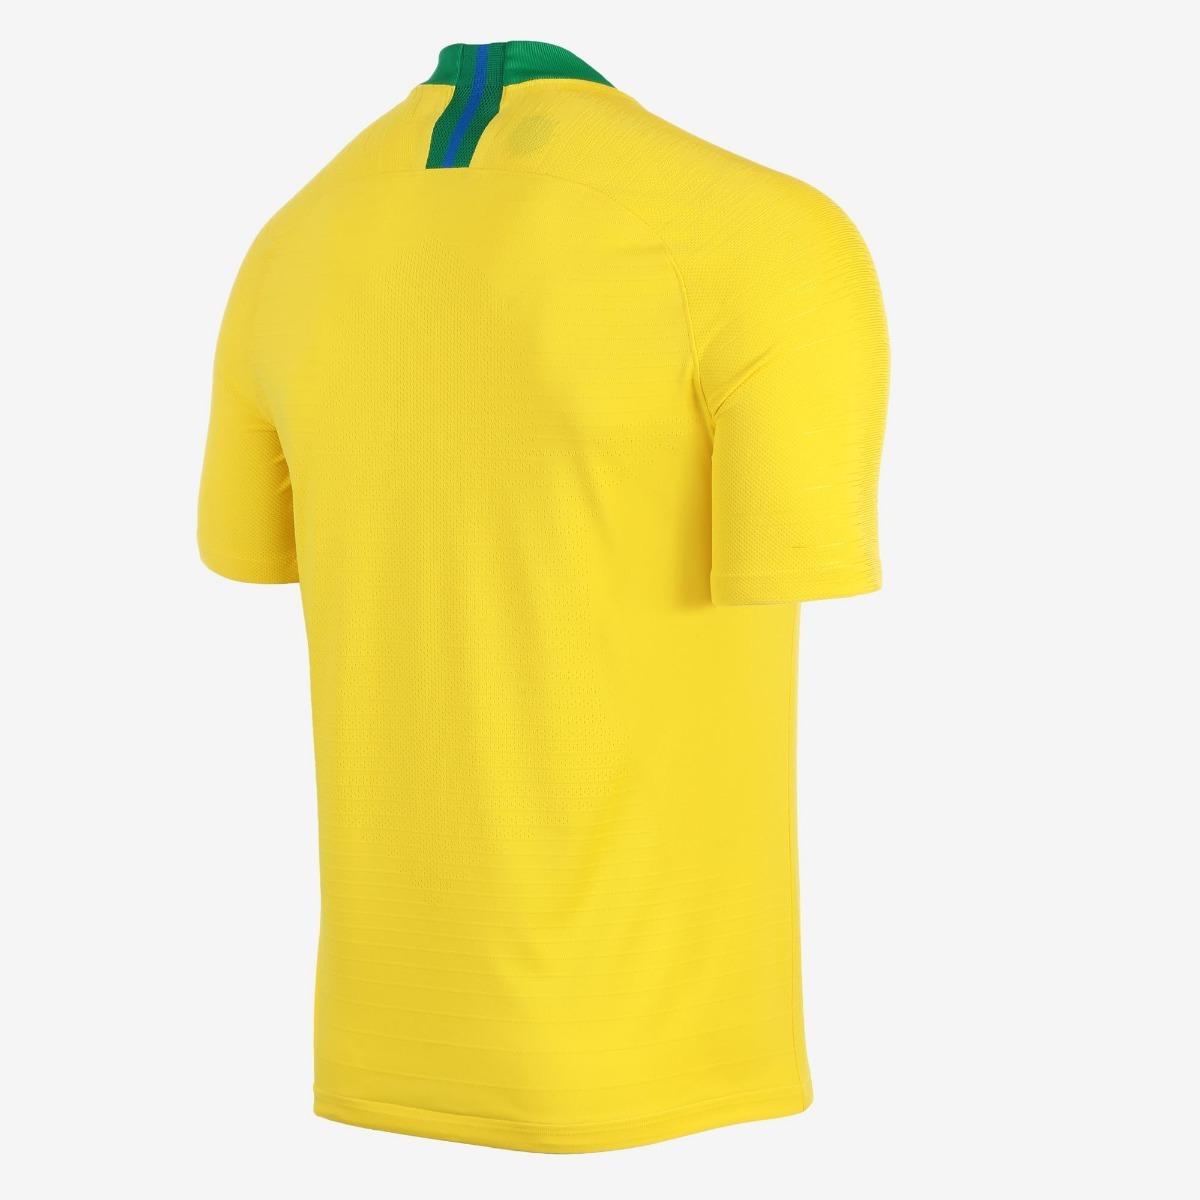 camisa nike brasil i 2018 19 torcedor masculina. Carregando zoom... camisa  brasil masculina. Carregando zoom. 2c32018540355